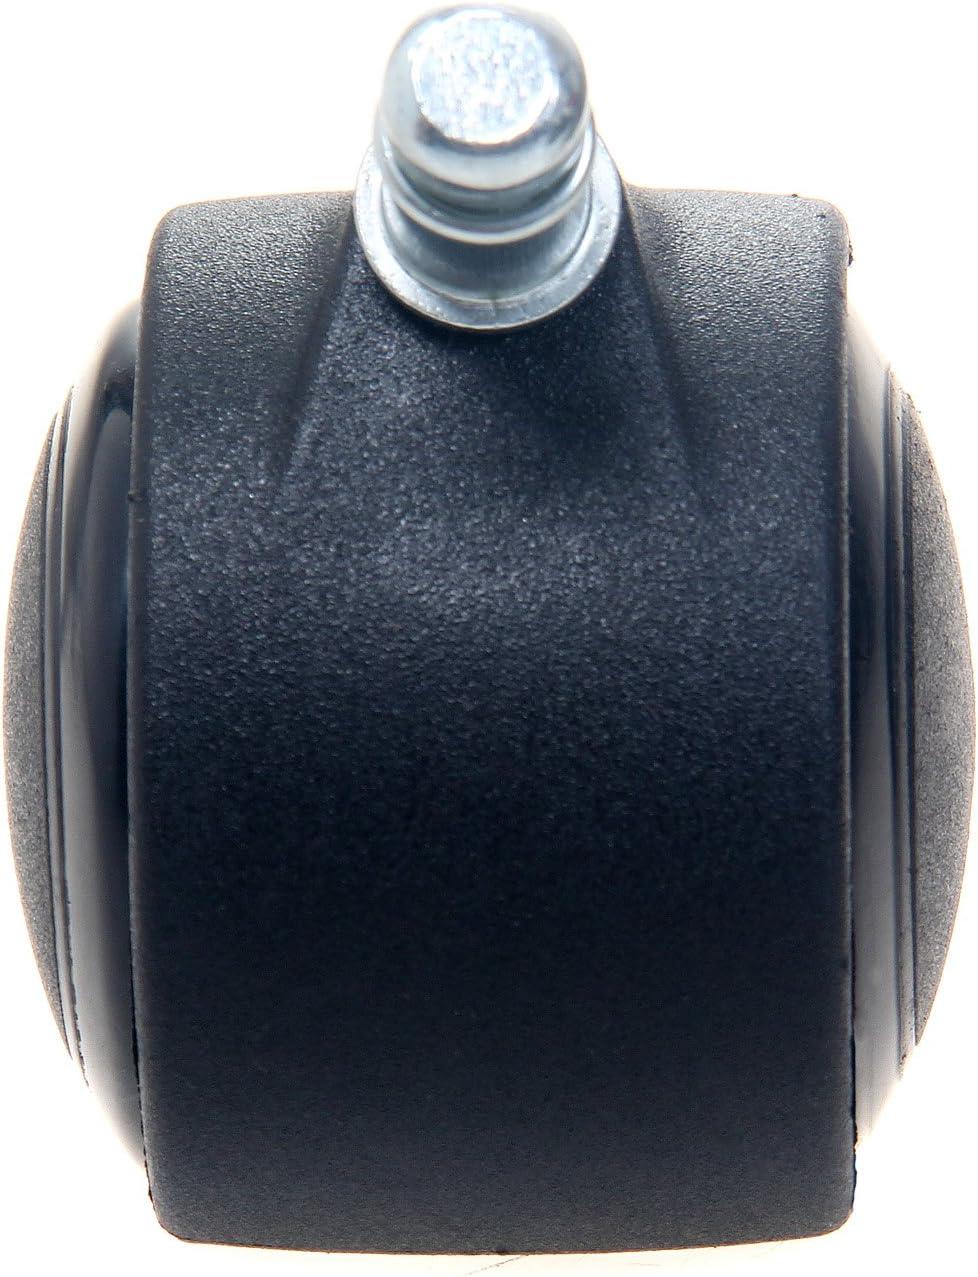 TUKA 5X Harbodenrollen Juego Universal de Ruedas para Suelos Duros 5 Piezas Negro 11 mm Ruedas para sillas de Oficina TKD-3200 Black Giratoria para Sillas de Oficina Piezas de Recambio